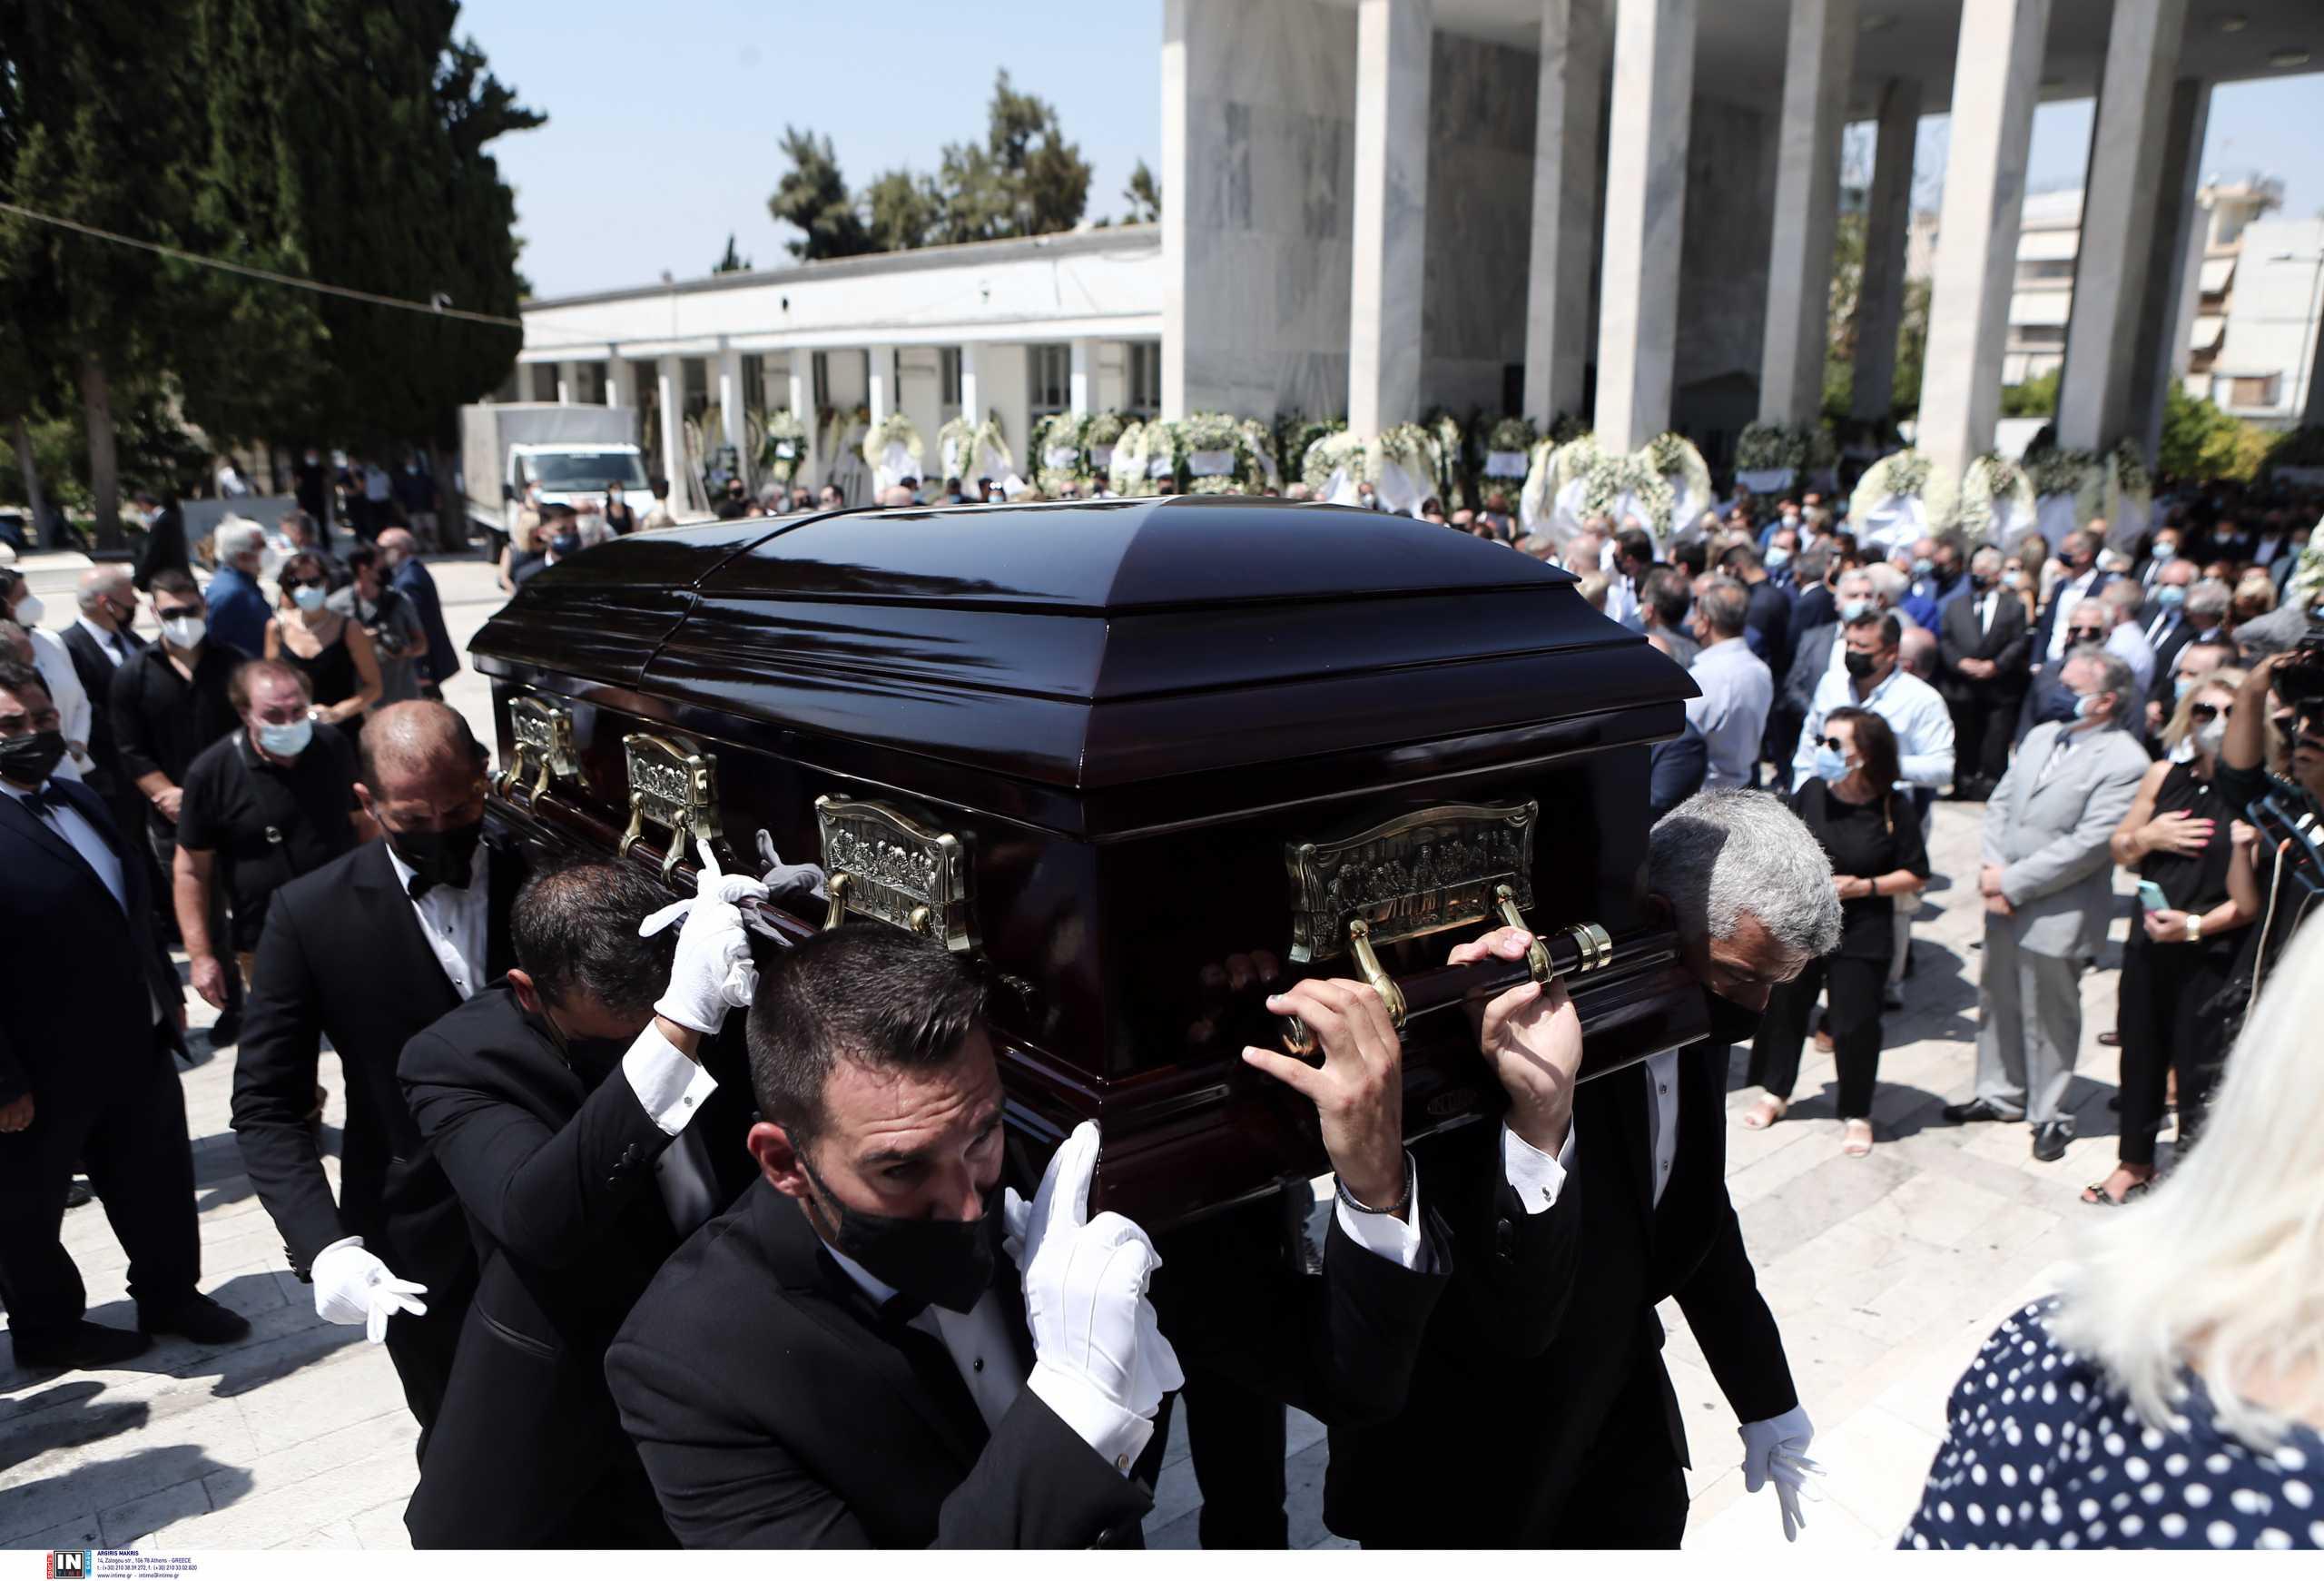 Κωνσταντίνος Μίχαλος: Στο Α' Νεκροταφείο Αθηνών η κηδεία του